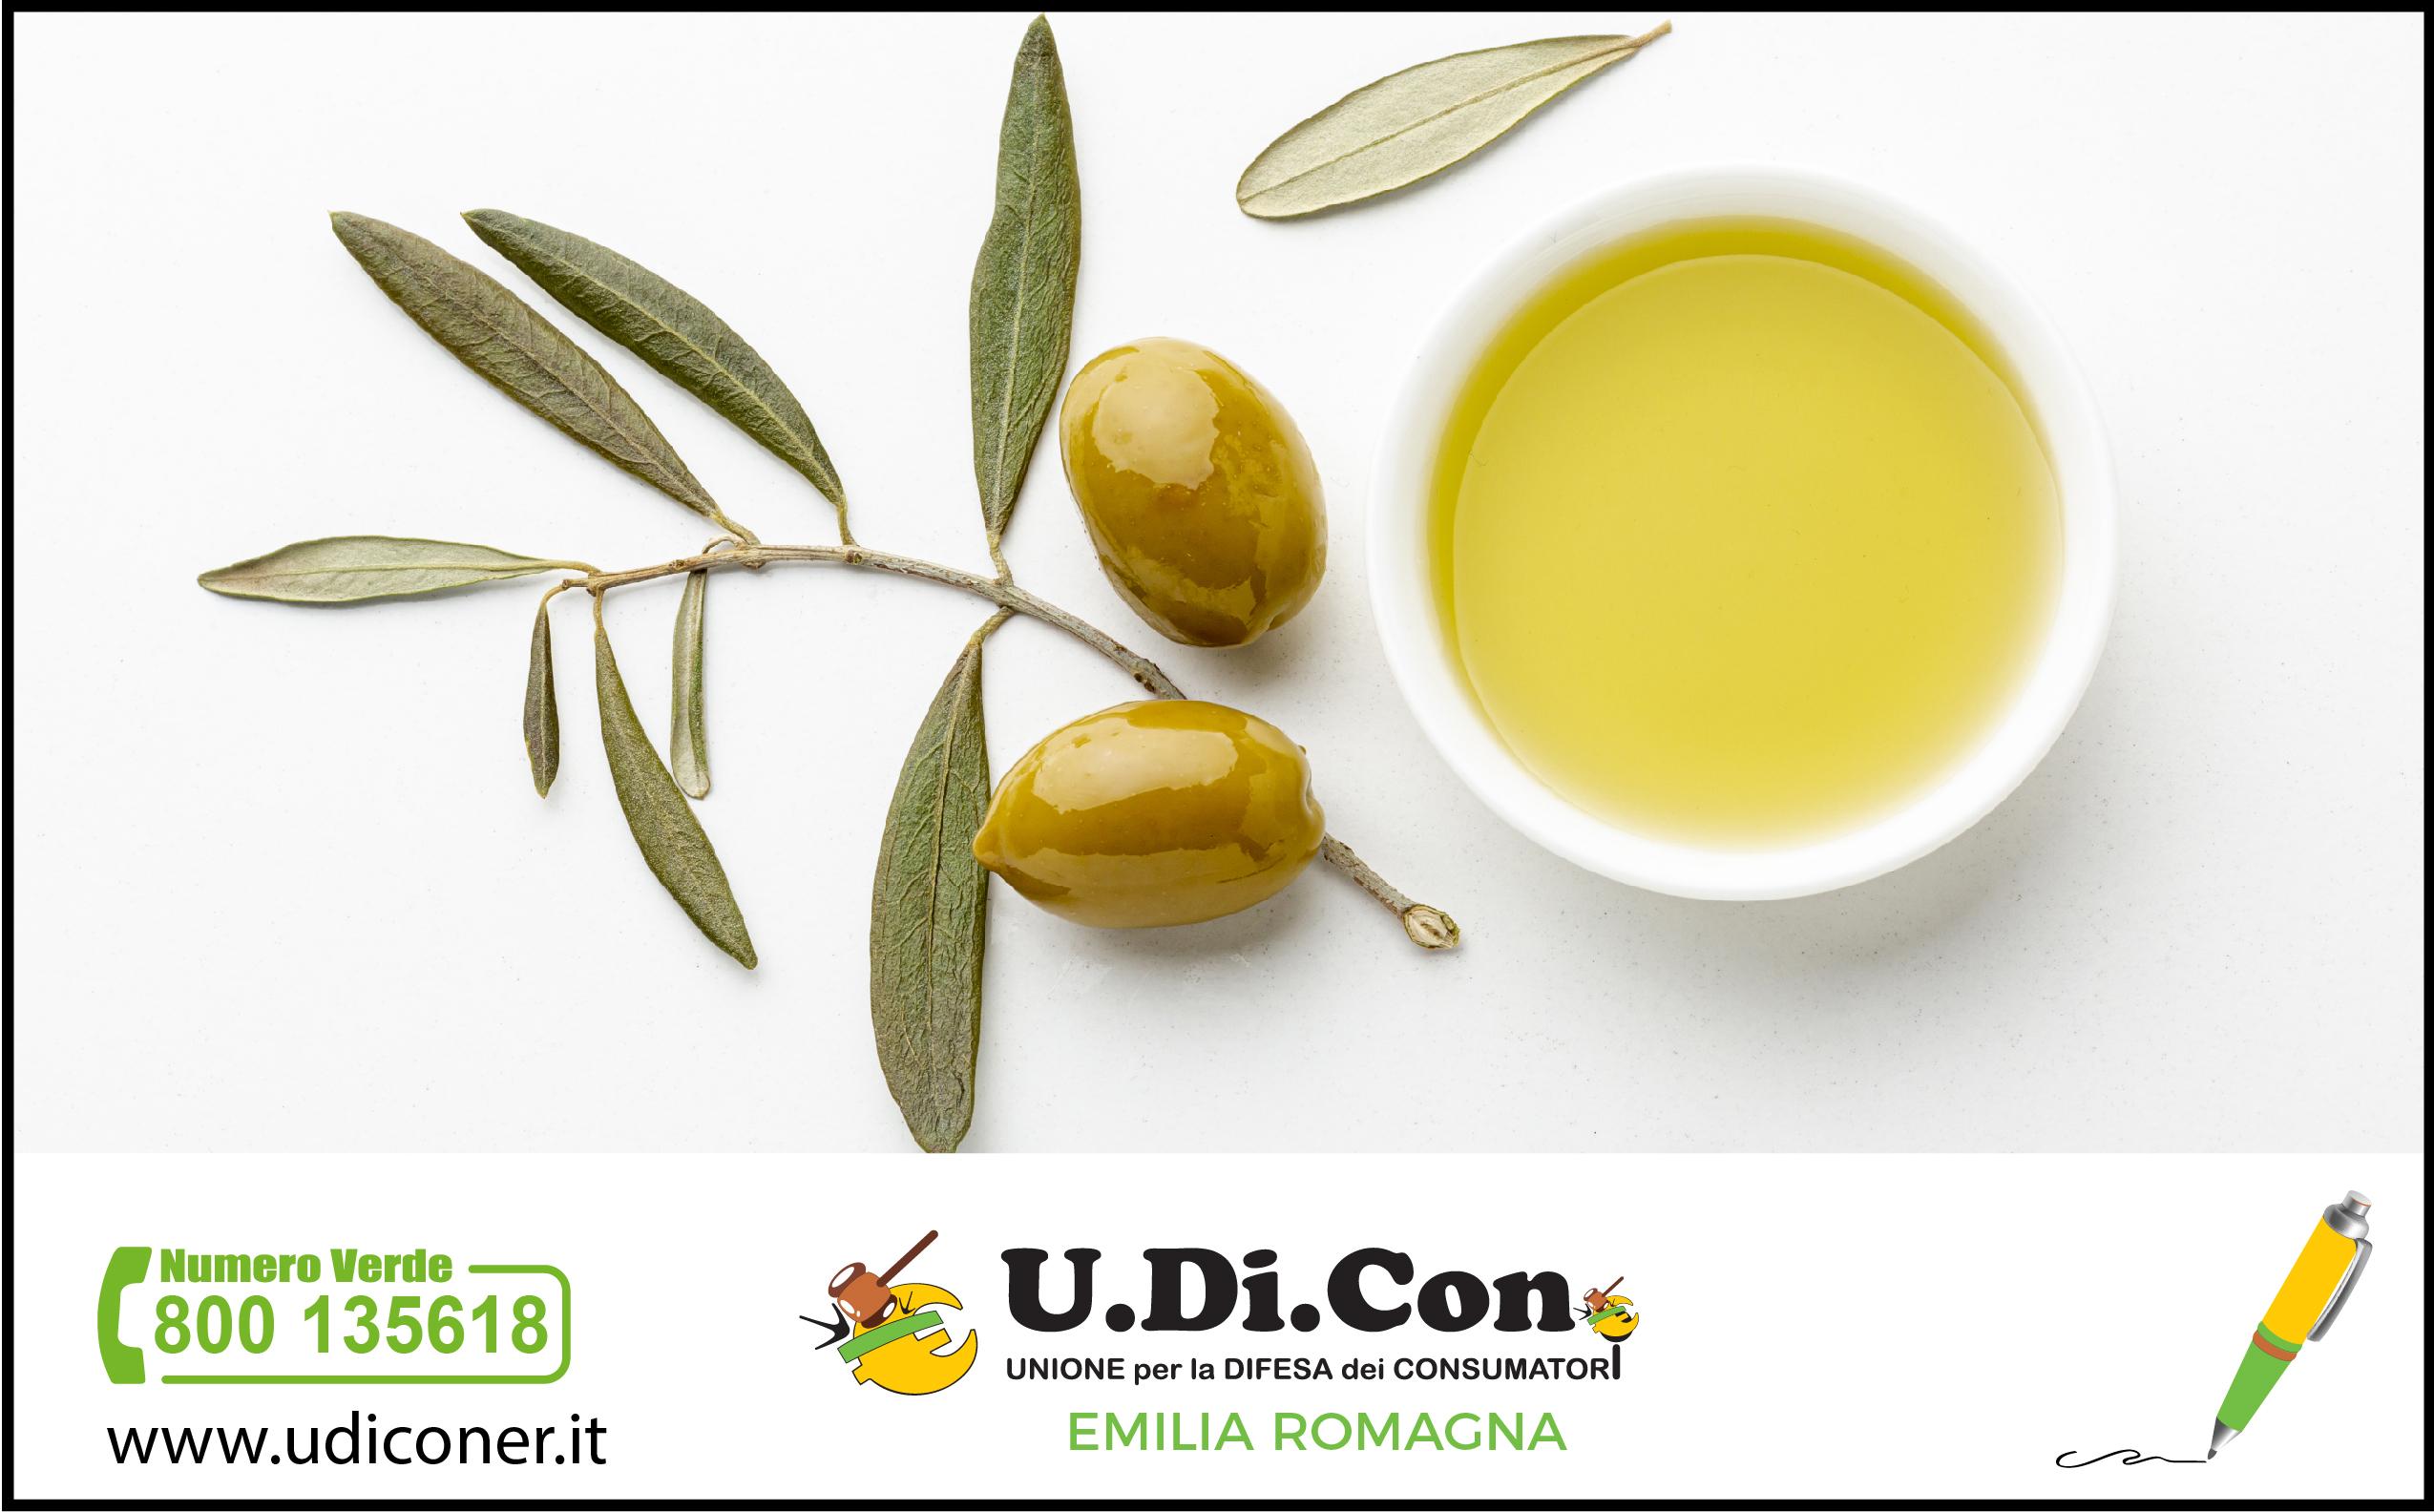 L'importanza delle etichette: i casi recenti di olio d'oliva e affettati italiani